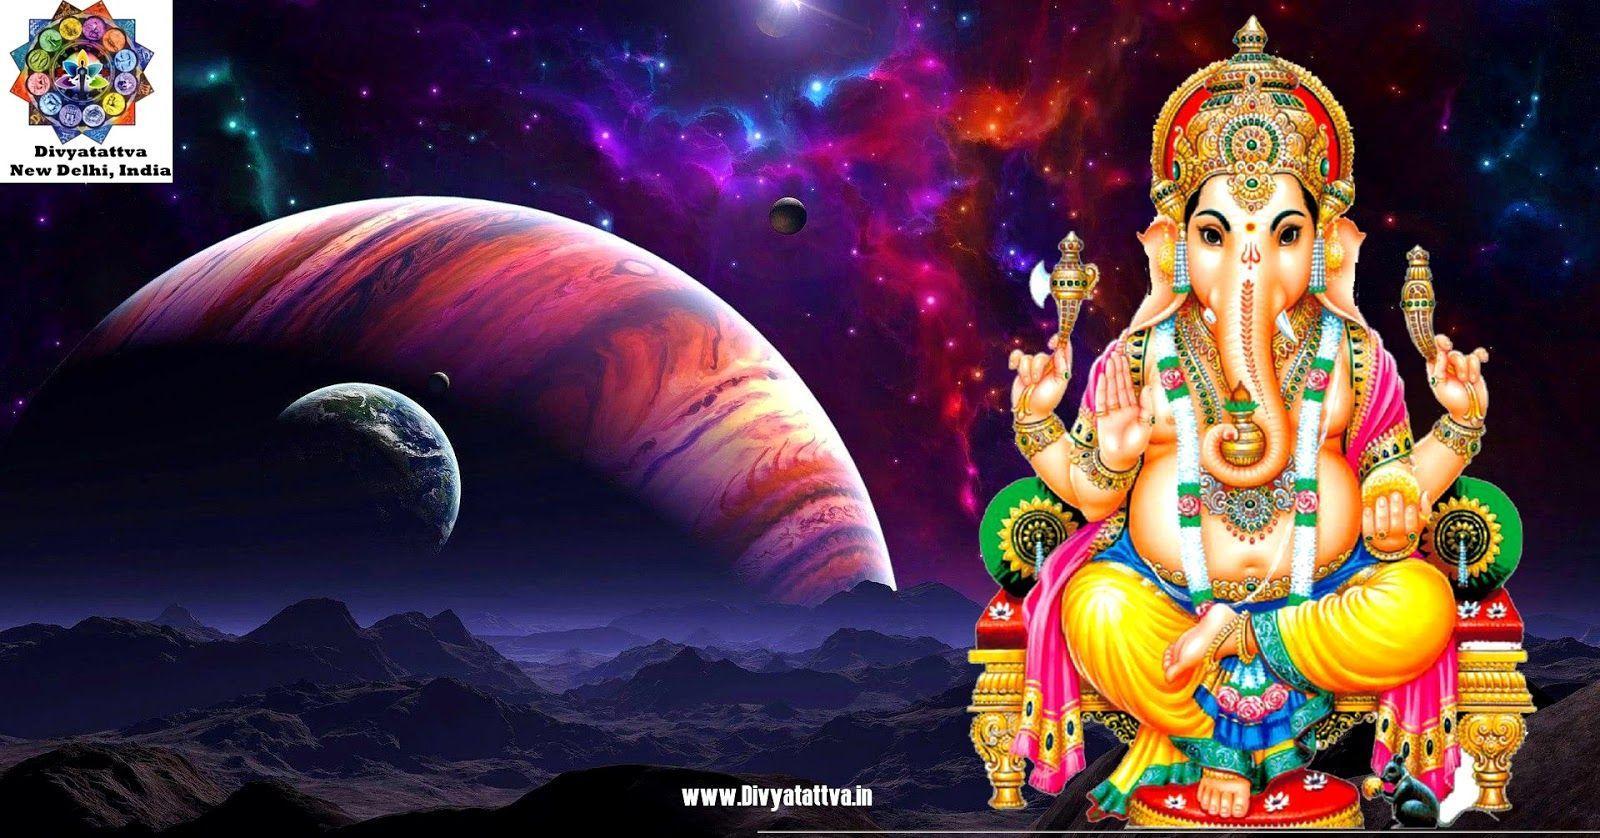 1600x838 Divyatattva Chiêm tinh miễn phí Tử vi ngoại cảm Bói bài Yoga Tantra Hình ảnh huyền bí Video: Aum Ganesha Hình nền HD Các vị thần Ấn Độ trong 4K Hình ảnh các vị thần Vệ Đà ở 4K